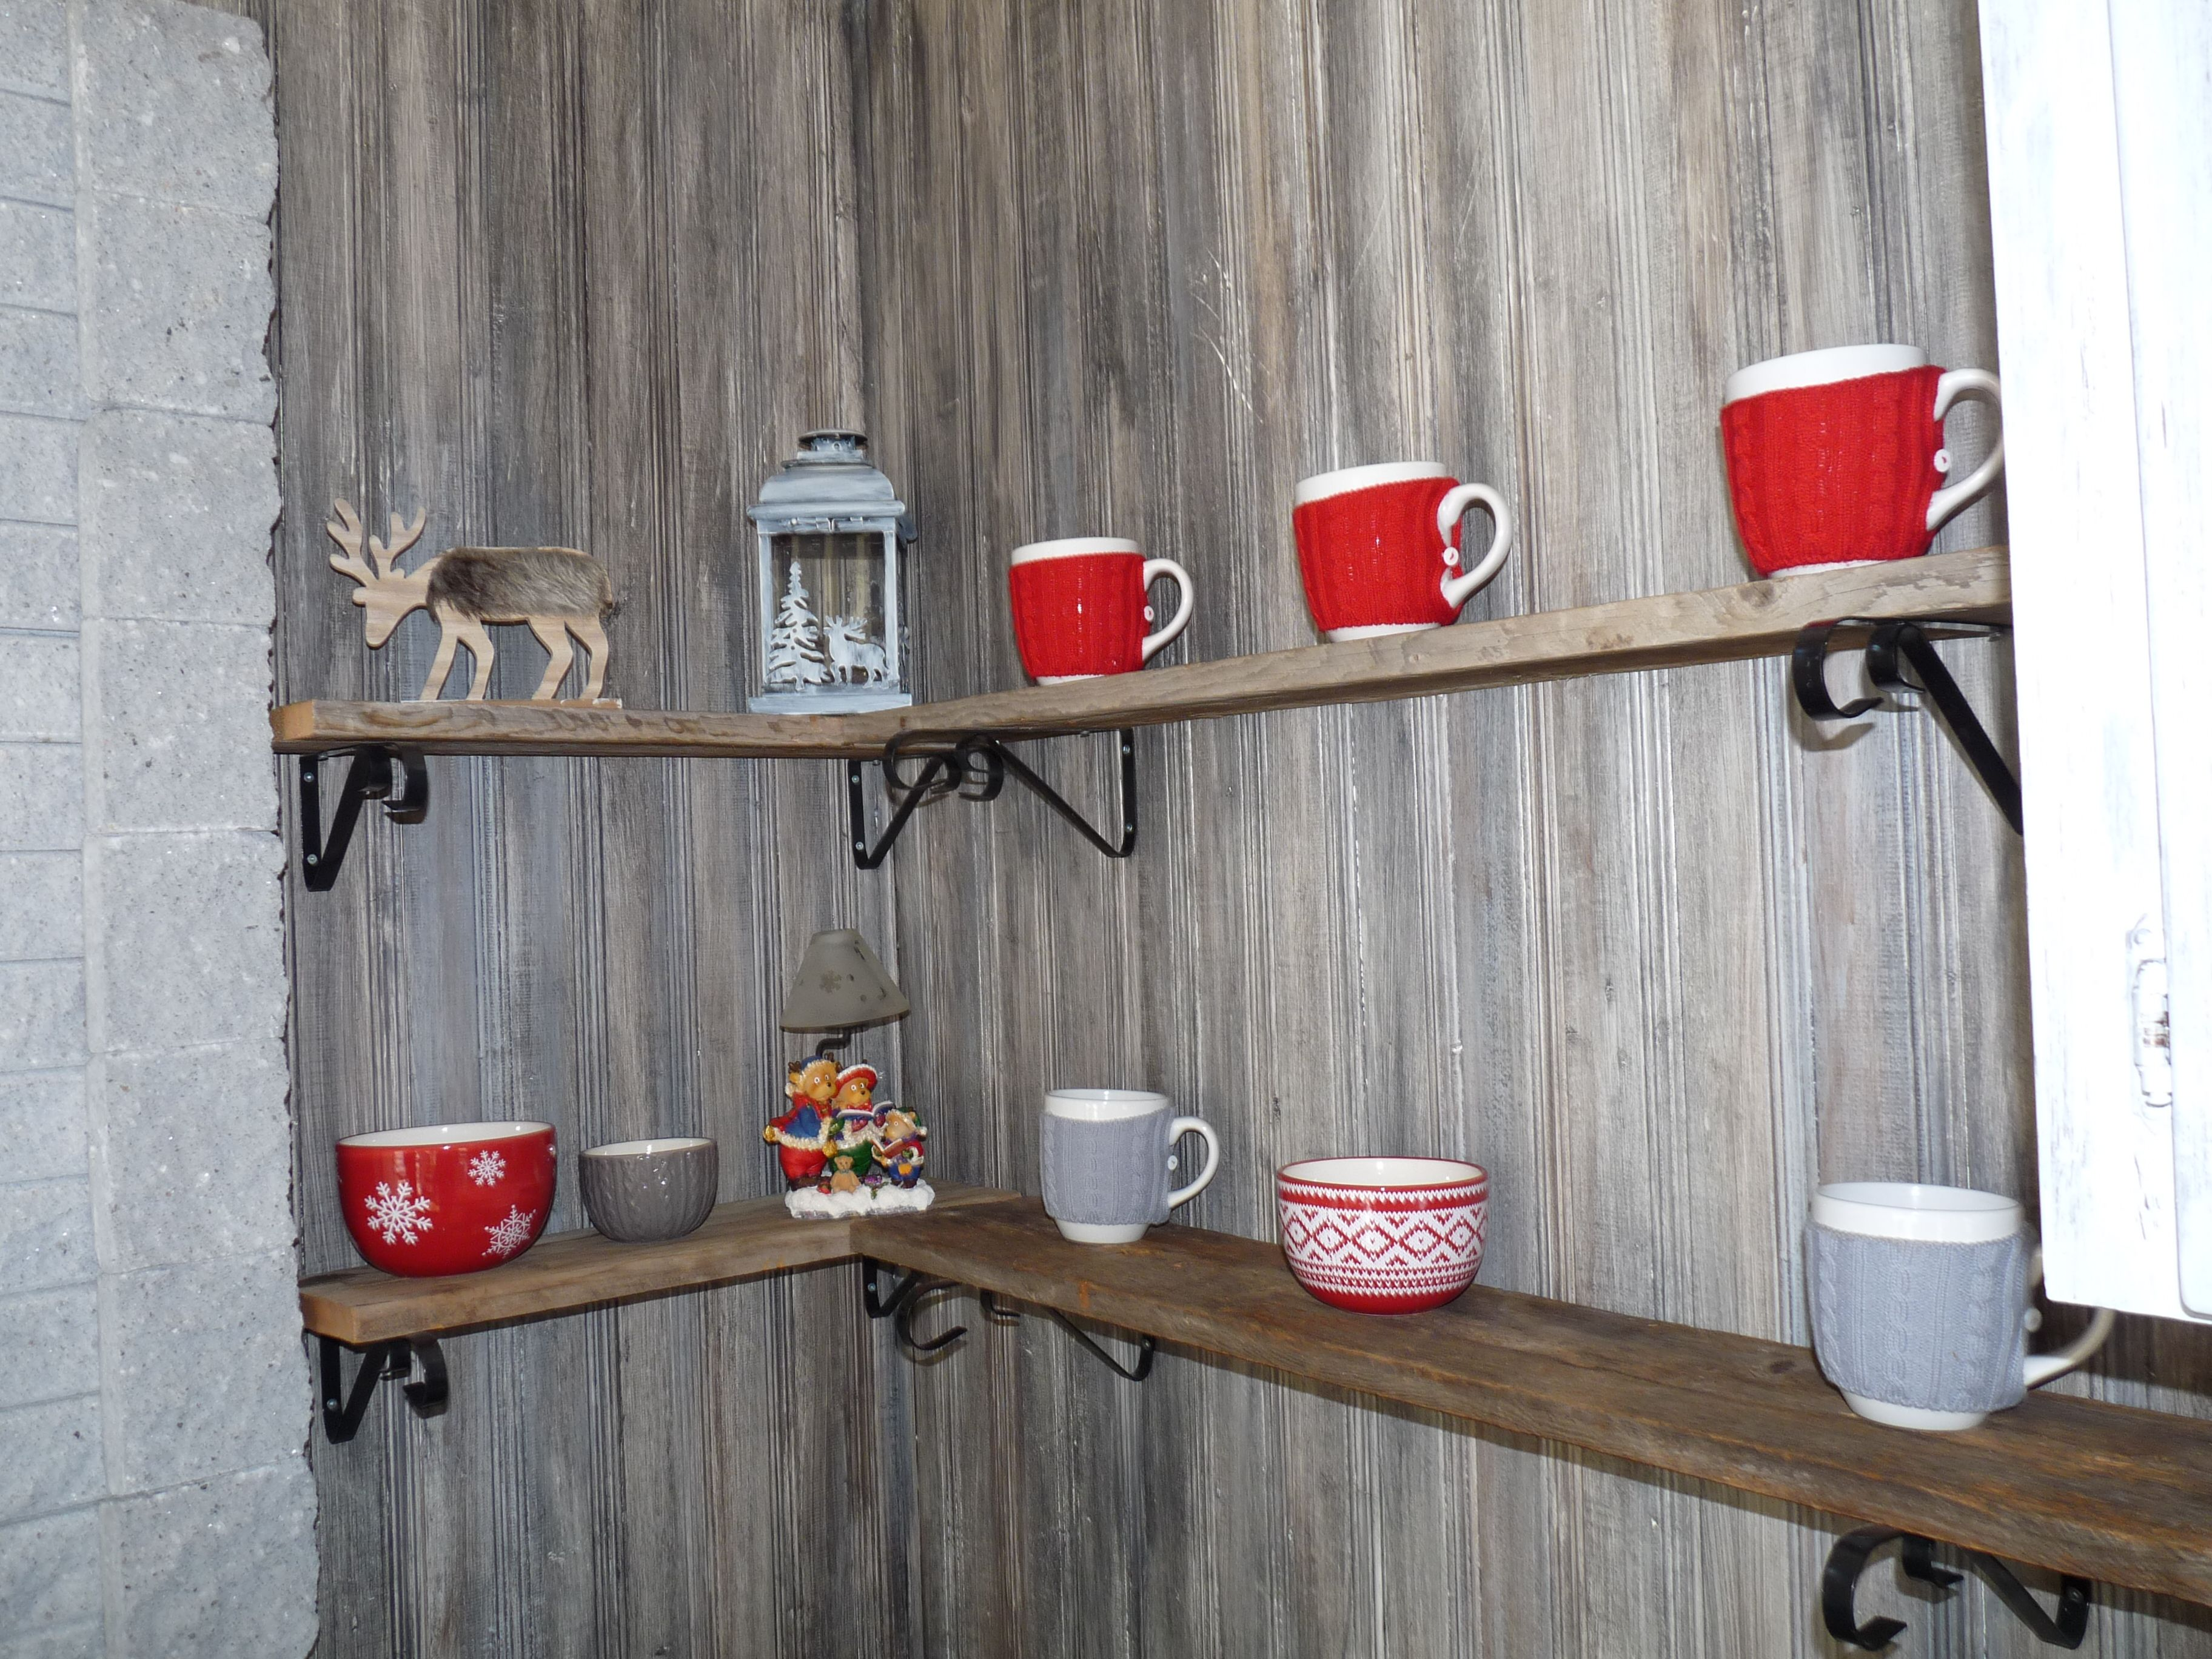 Tablette en bois grange avec faux fini bois de grange sur le mur